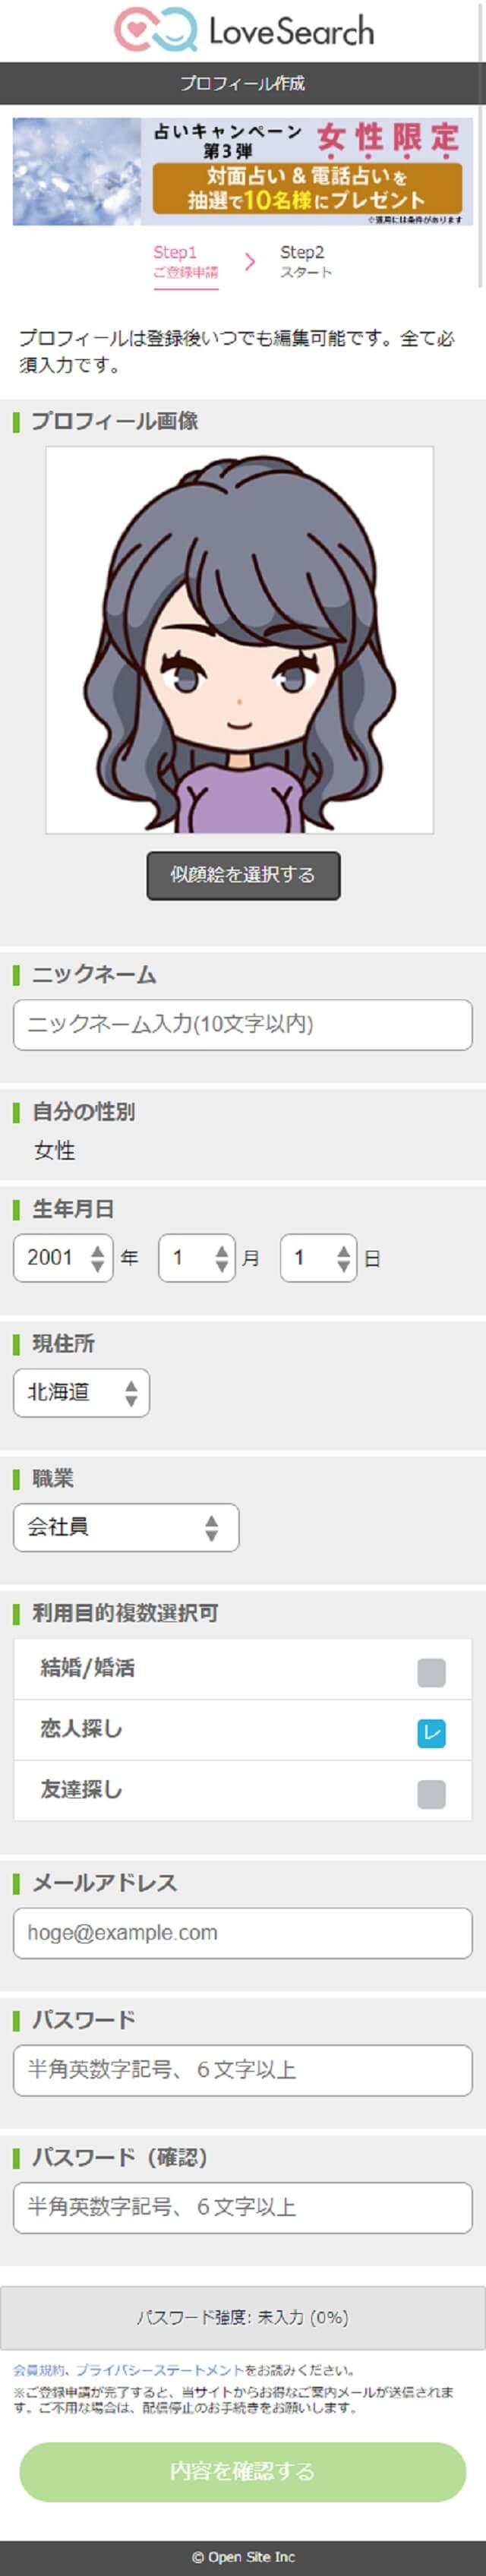 ラブサーチ2 - 登録①(PR作成 全体)